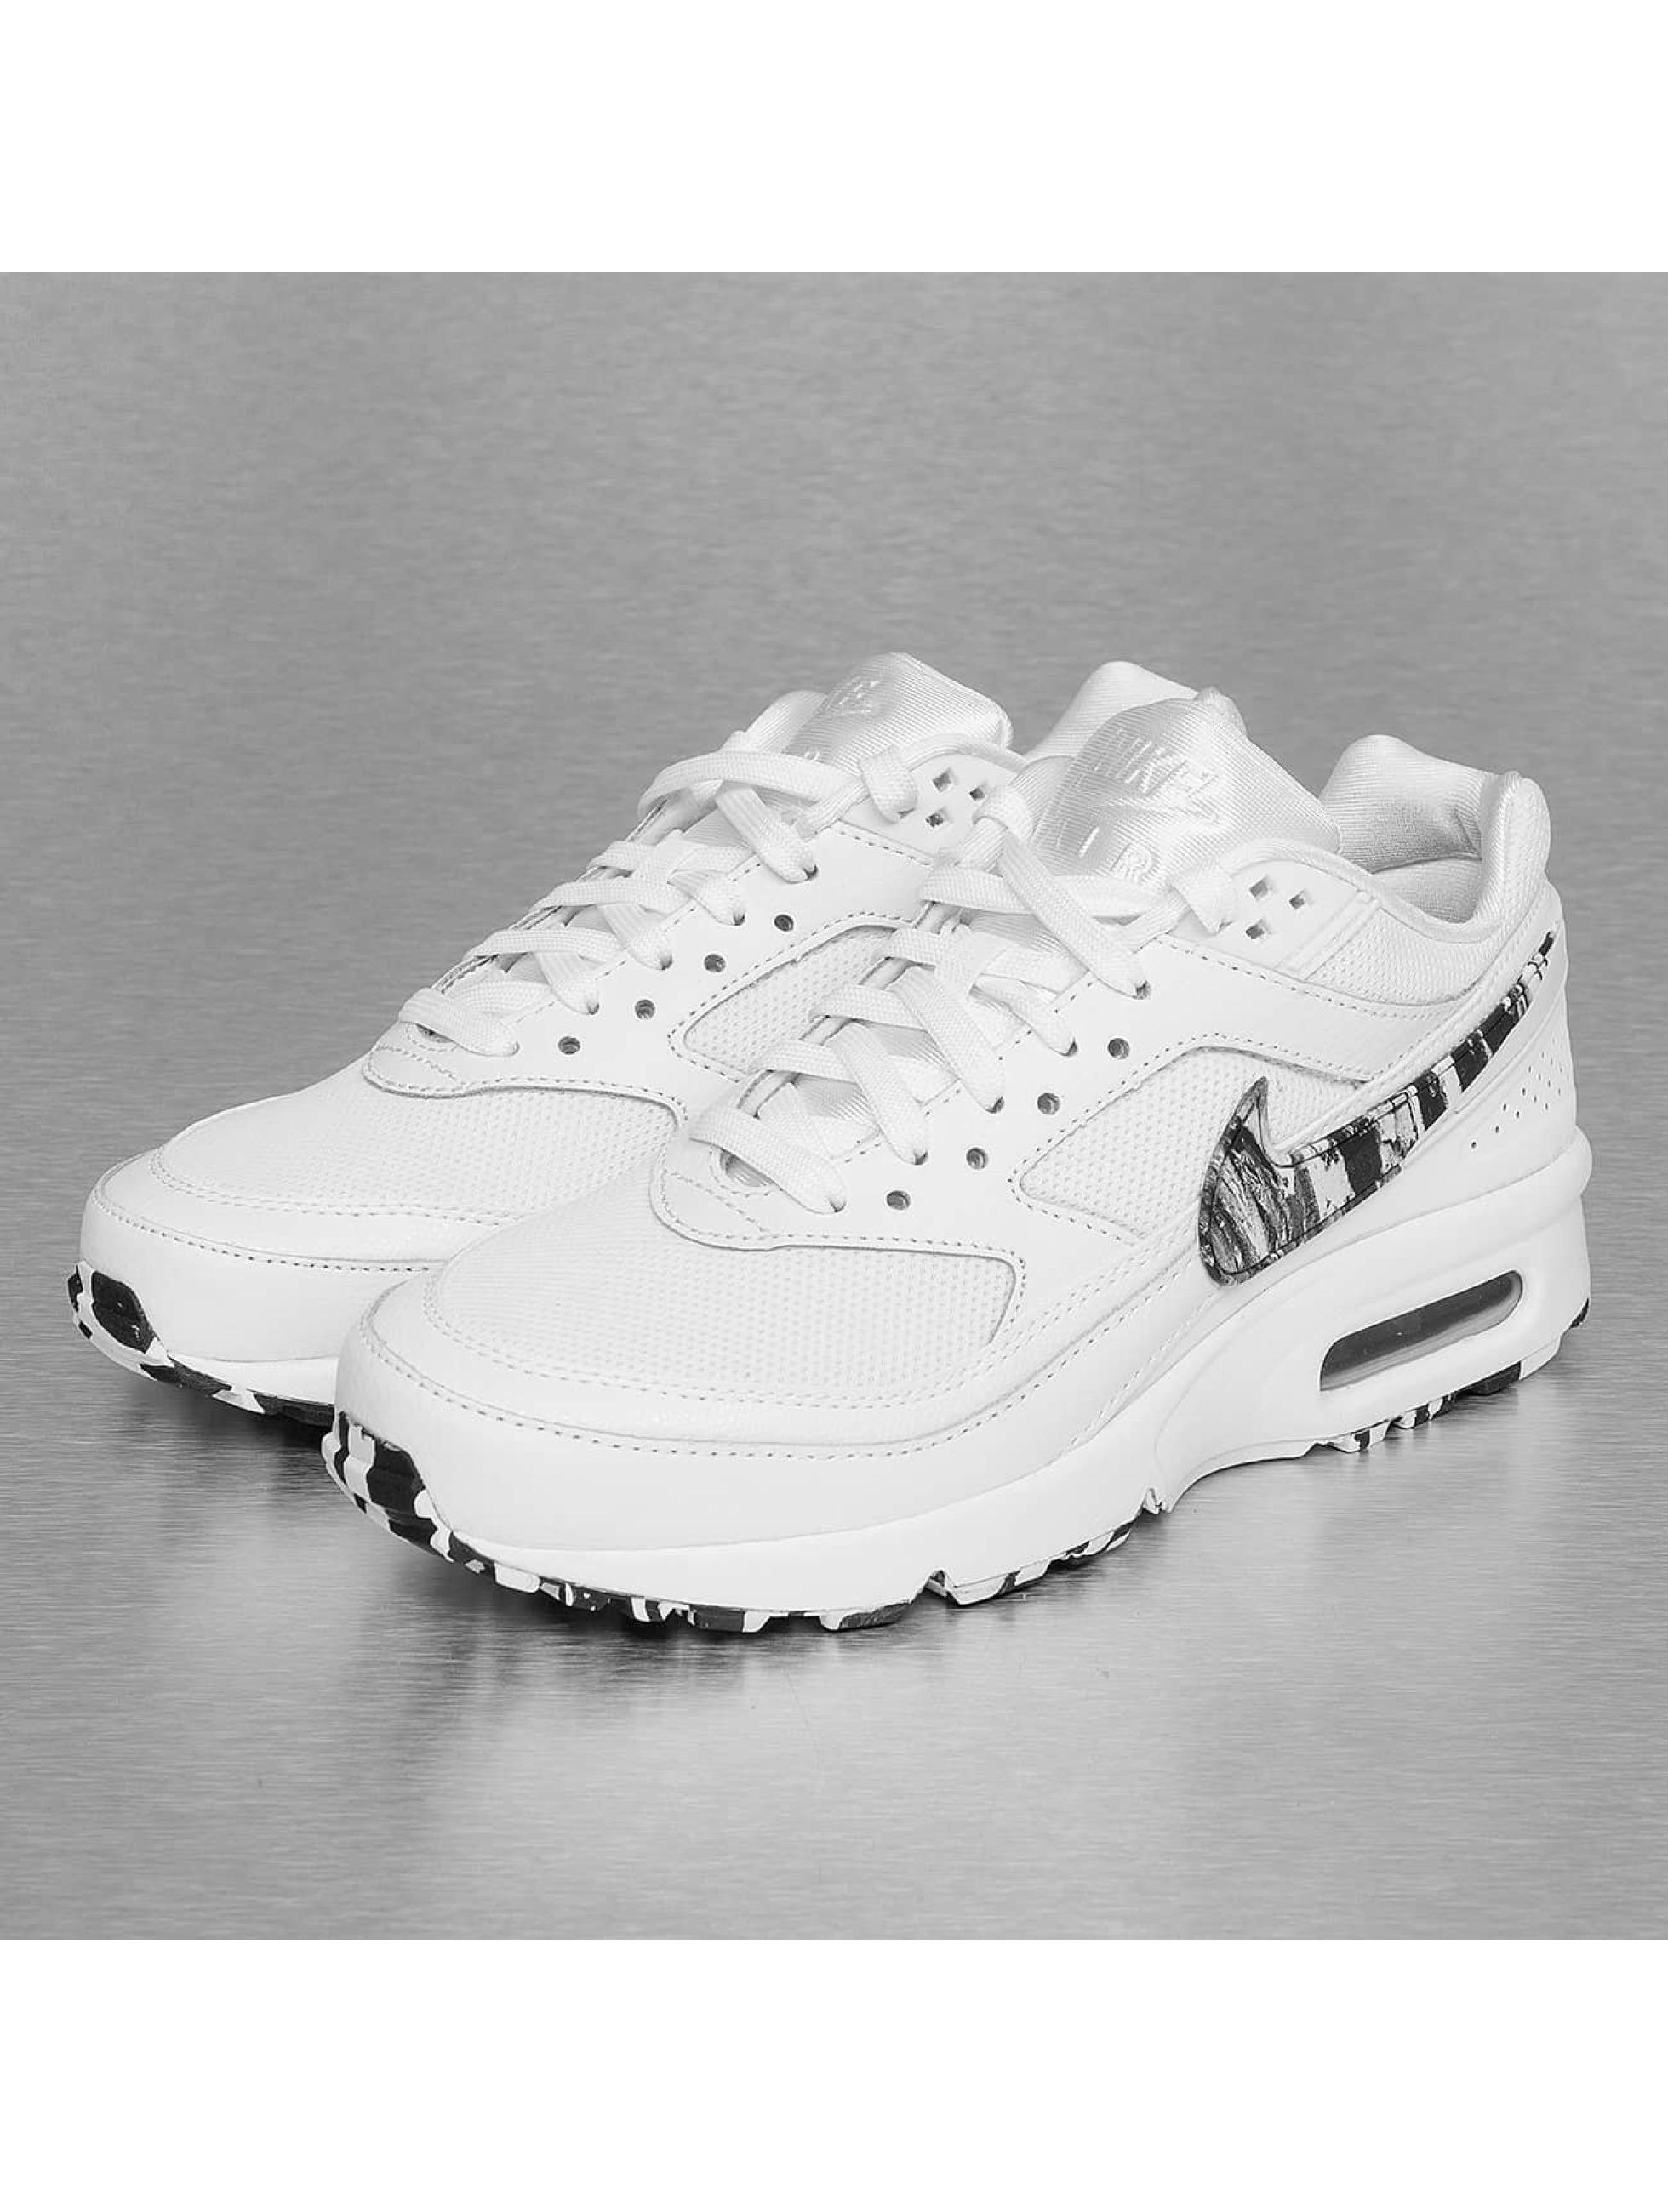 Nike Air Max Weiß Grau